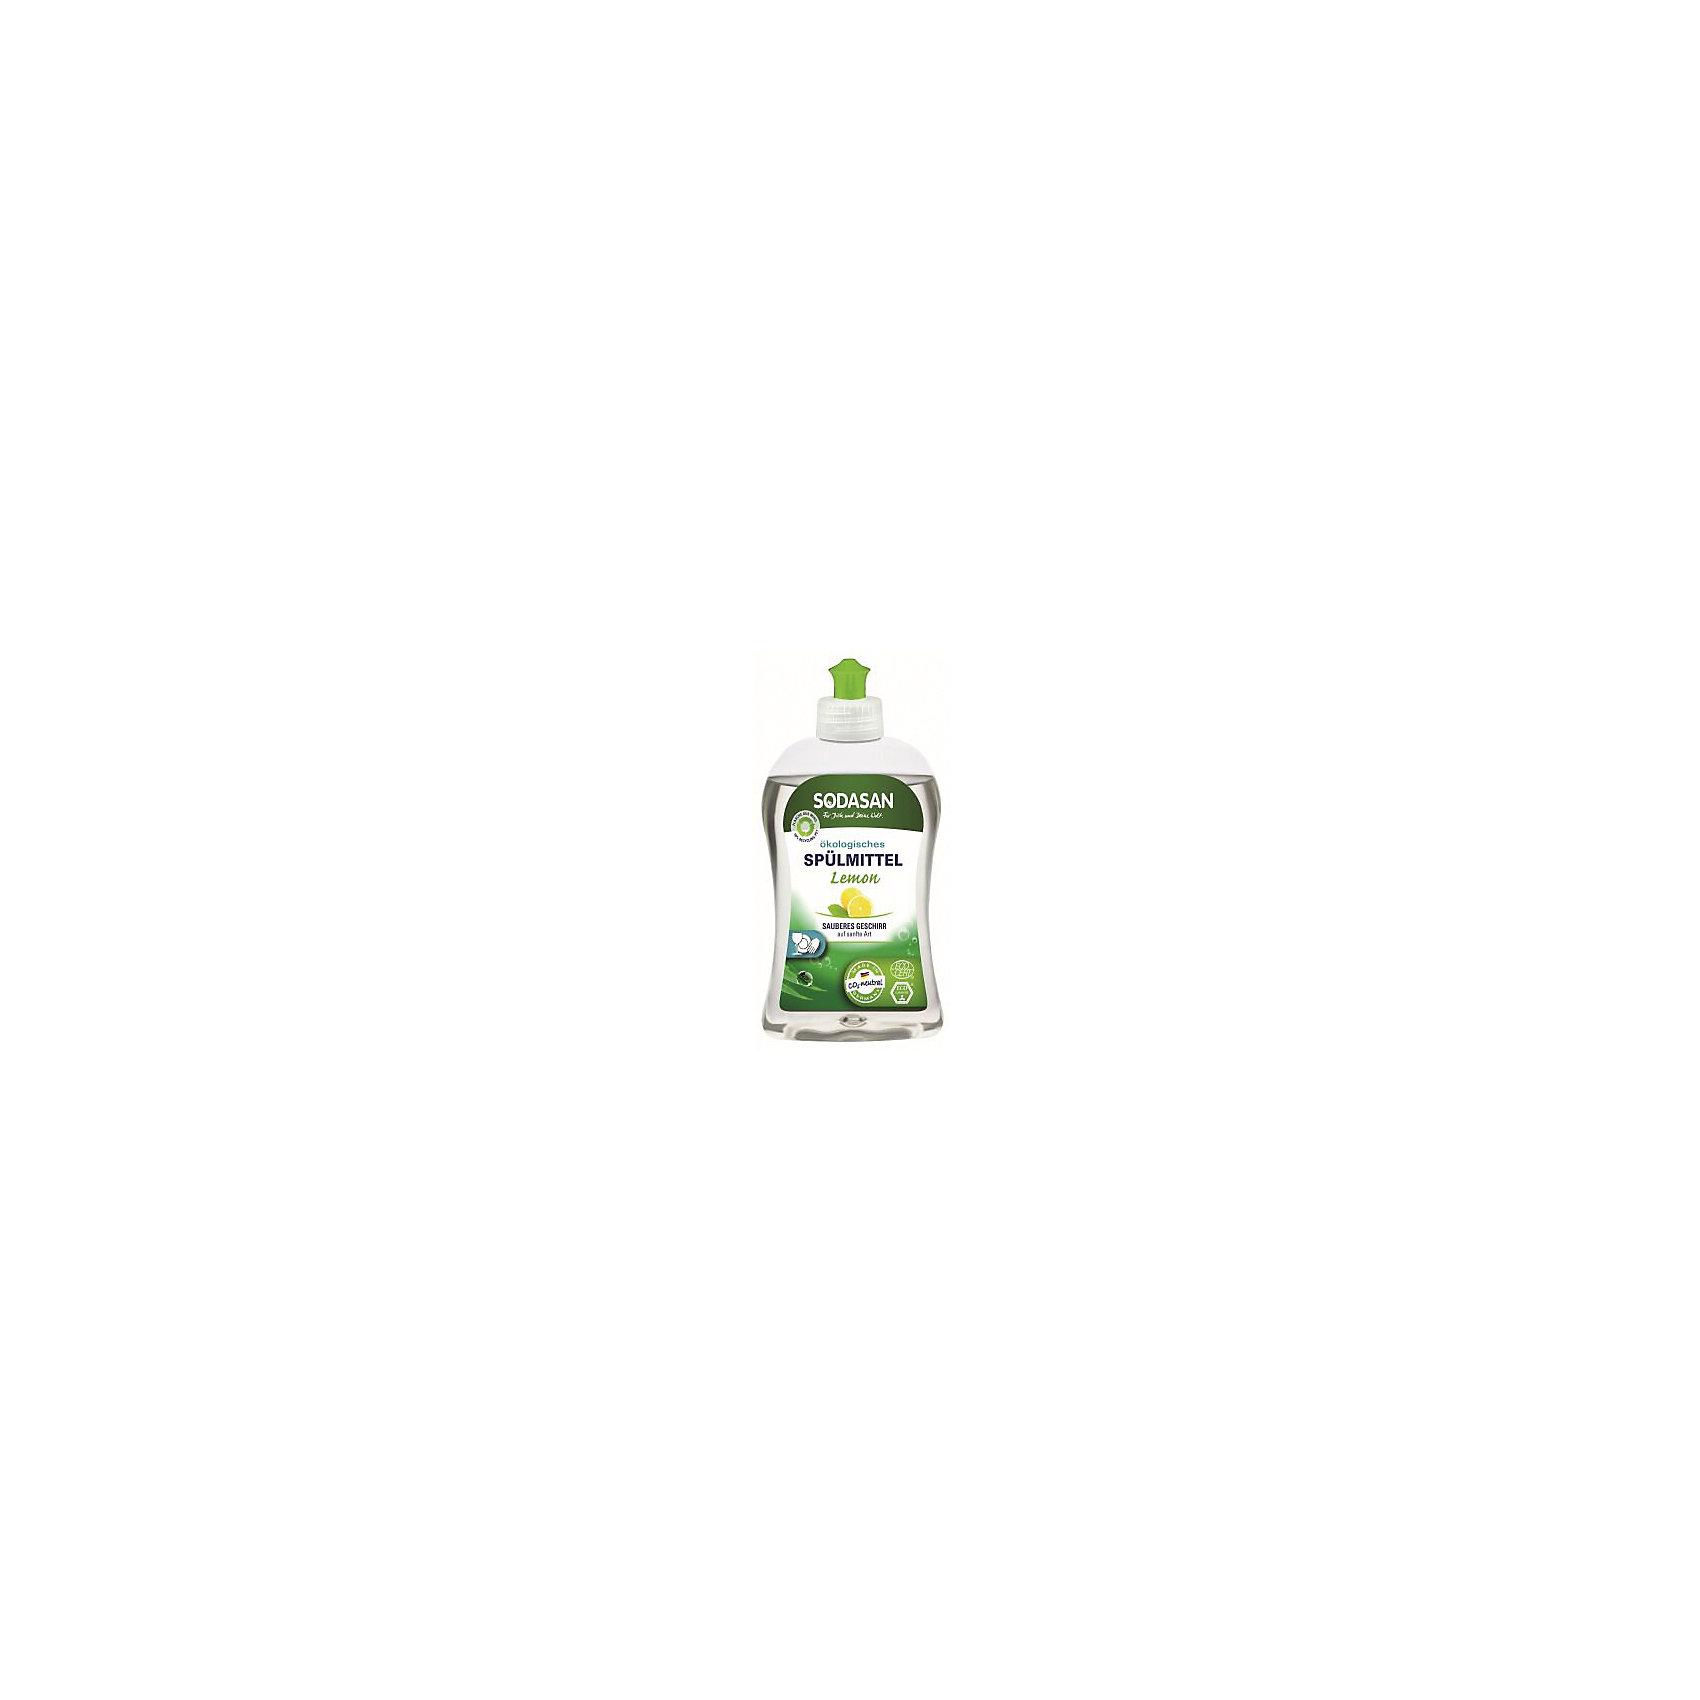 Средство для посуды с лимоном 500мл, SodasanКачественно и безопасно моет посуду без лишних усилий! <br>Быстро удаляет загрязнения и жир! <br>Придаёт посуде блеск и не оставляет разводов. <br>В состав входят только безопасные растительные ингредиенты органического происхождения. <br>Специальная формула защищает Ваши руки от пересыхания и делает их мягкими на ощупь. <br>Экономично в использовании!<br> <br>SODASAN Органическое Универсальное средство мытья для посуды с Лимоном.<br>Универсальна для безопасного очищения! Можно использовать для мытья кастрюль, плиты, любых поверхностей на кухне и в доме. Может справиться с сильными загрязнениями, засохшими остатками пищи и жиром. <br>Способ использования: нанесите на губку и протрите загрязненные поверхности. Смойте водой.<br><br>Ширина мм: 250<br>Глубина мм: 100<br>Высота мм: 250<br>Вес г: 500<br>Возраст от месяцев: 216<br>Возраст до месяцев: 1188<br>Пол: Унисекс<br>Возраст: Детский<br>SKU: 5407622